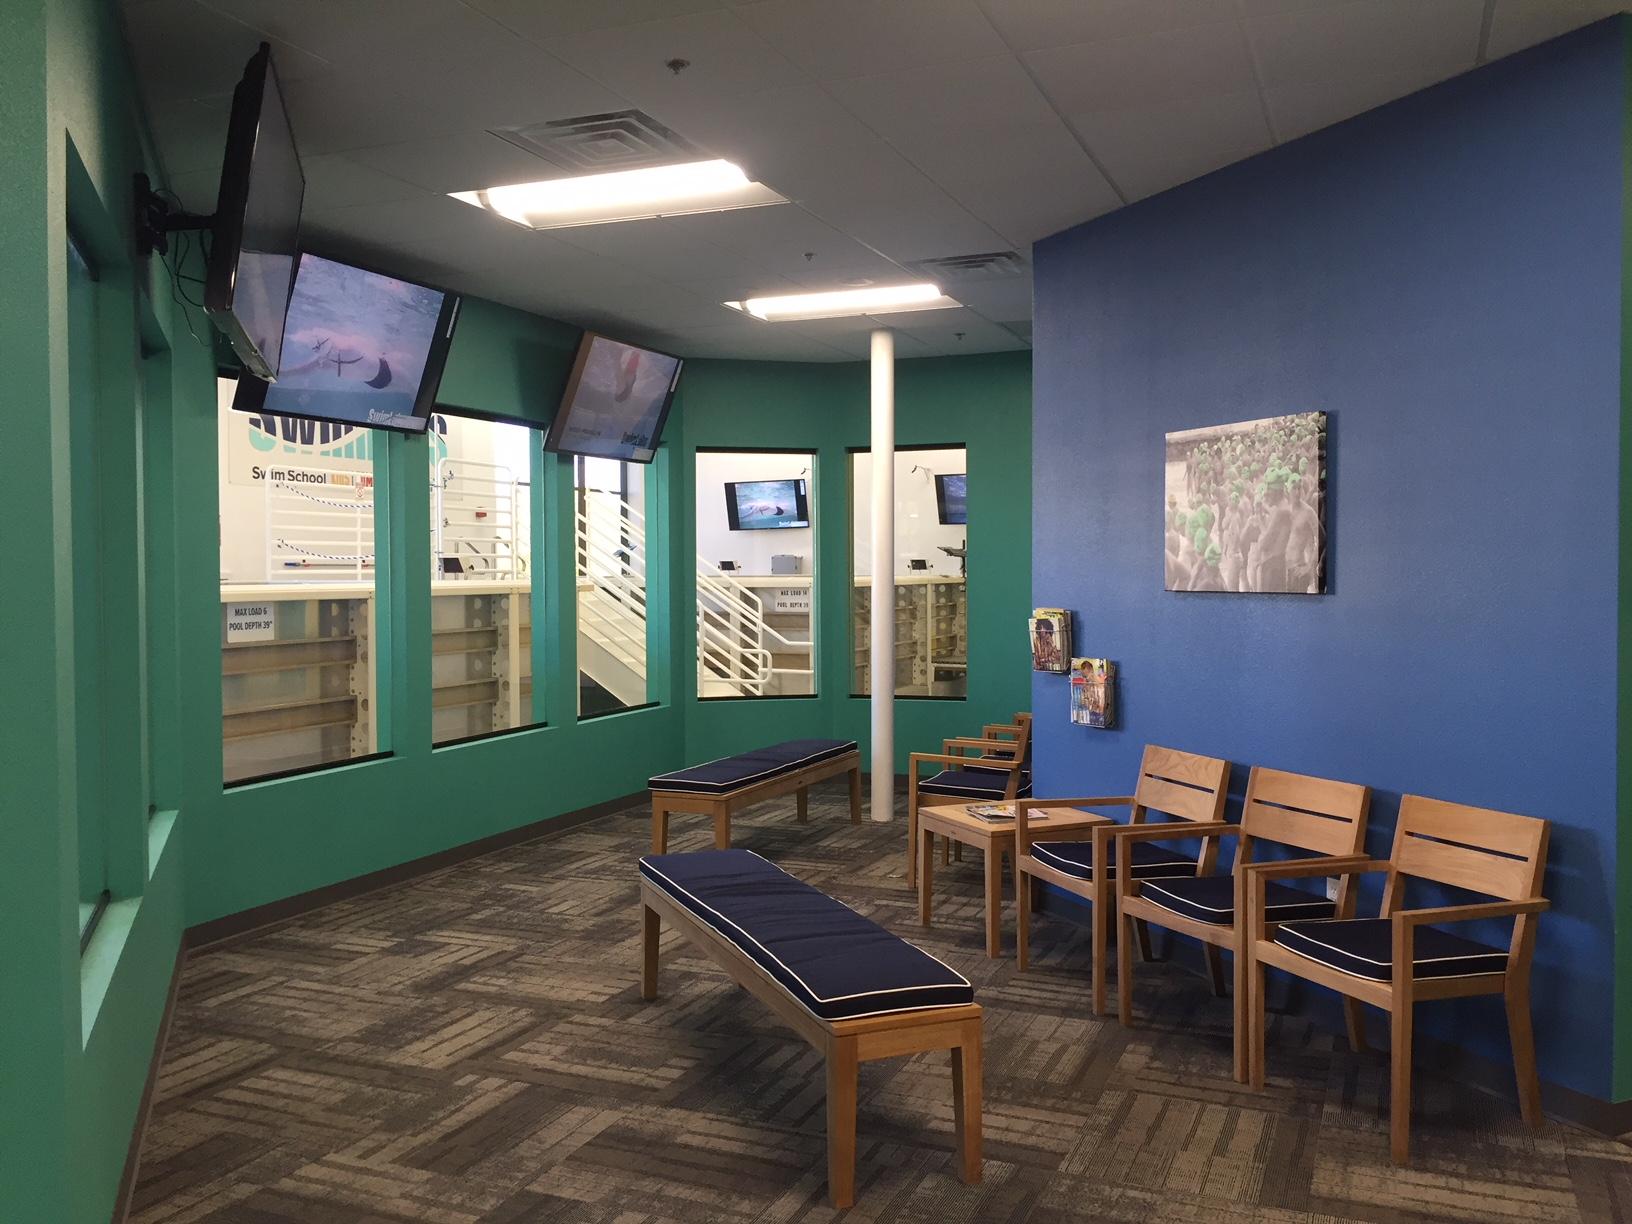 SwimLabs Swim School - El Dorado Hills | 5009 Windplay Dr Ste 3, El Dorado Hills, CA, 95762 | +1 (916) 900-6550